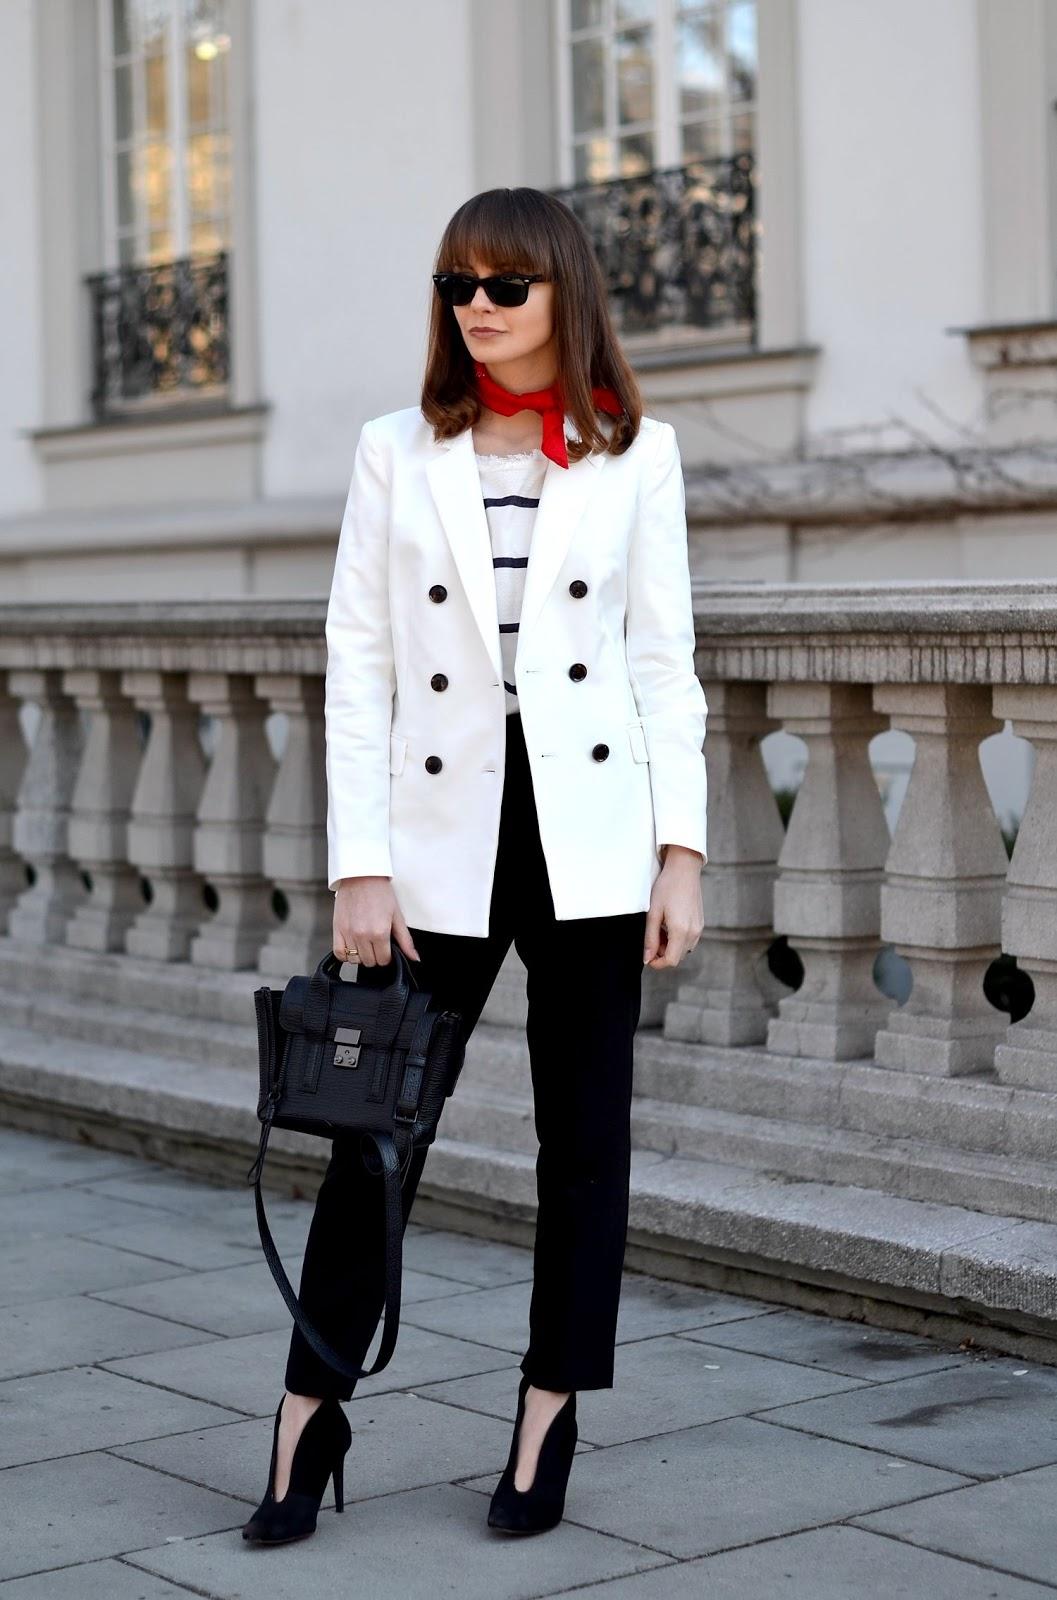 czerwona bandamka | jak nosic chustki | blog modowy |